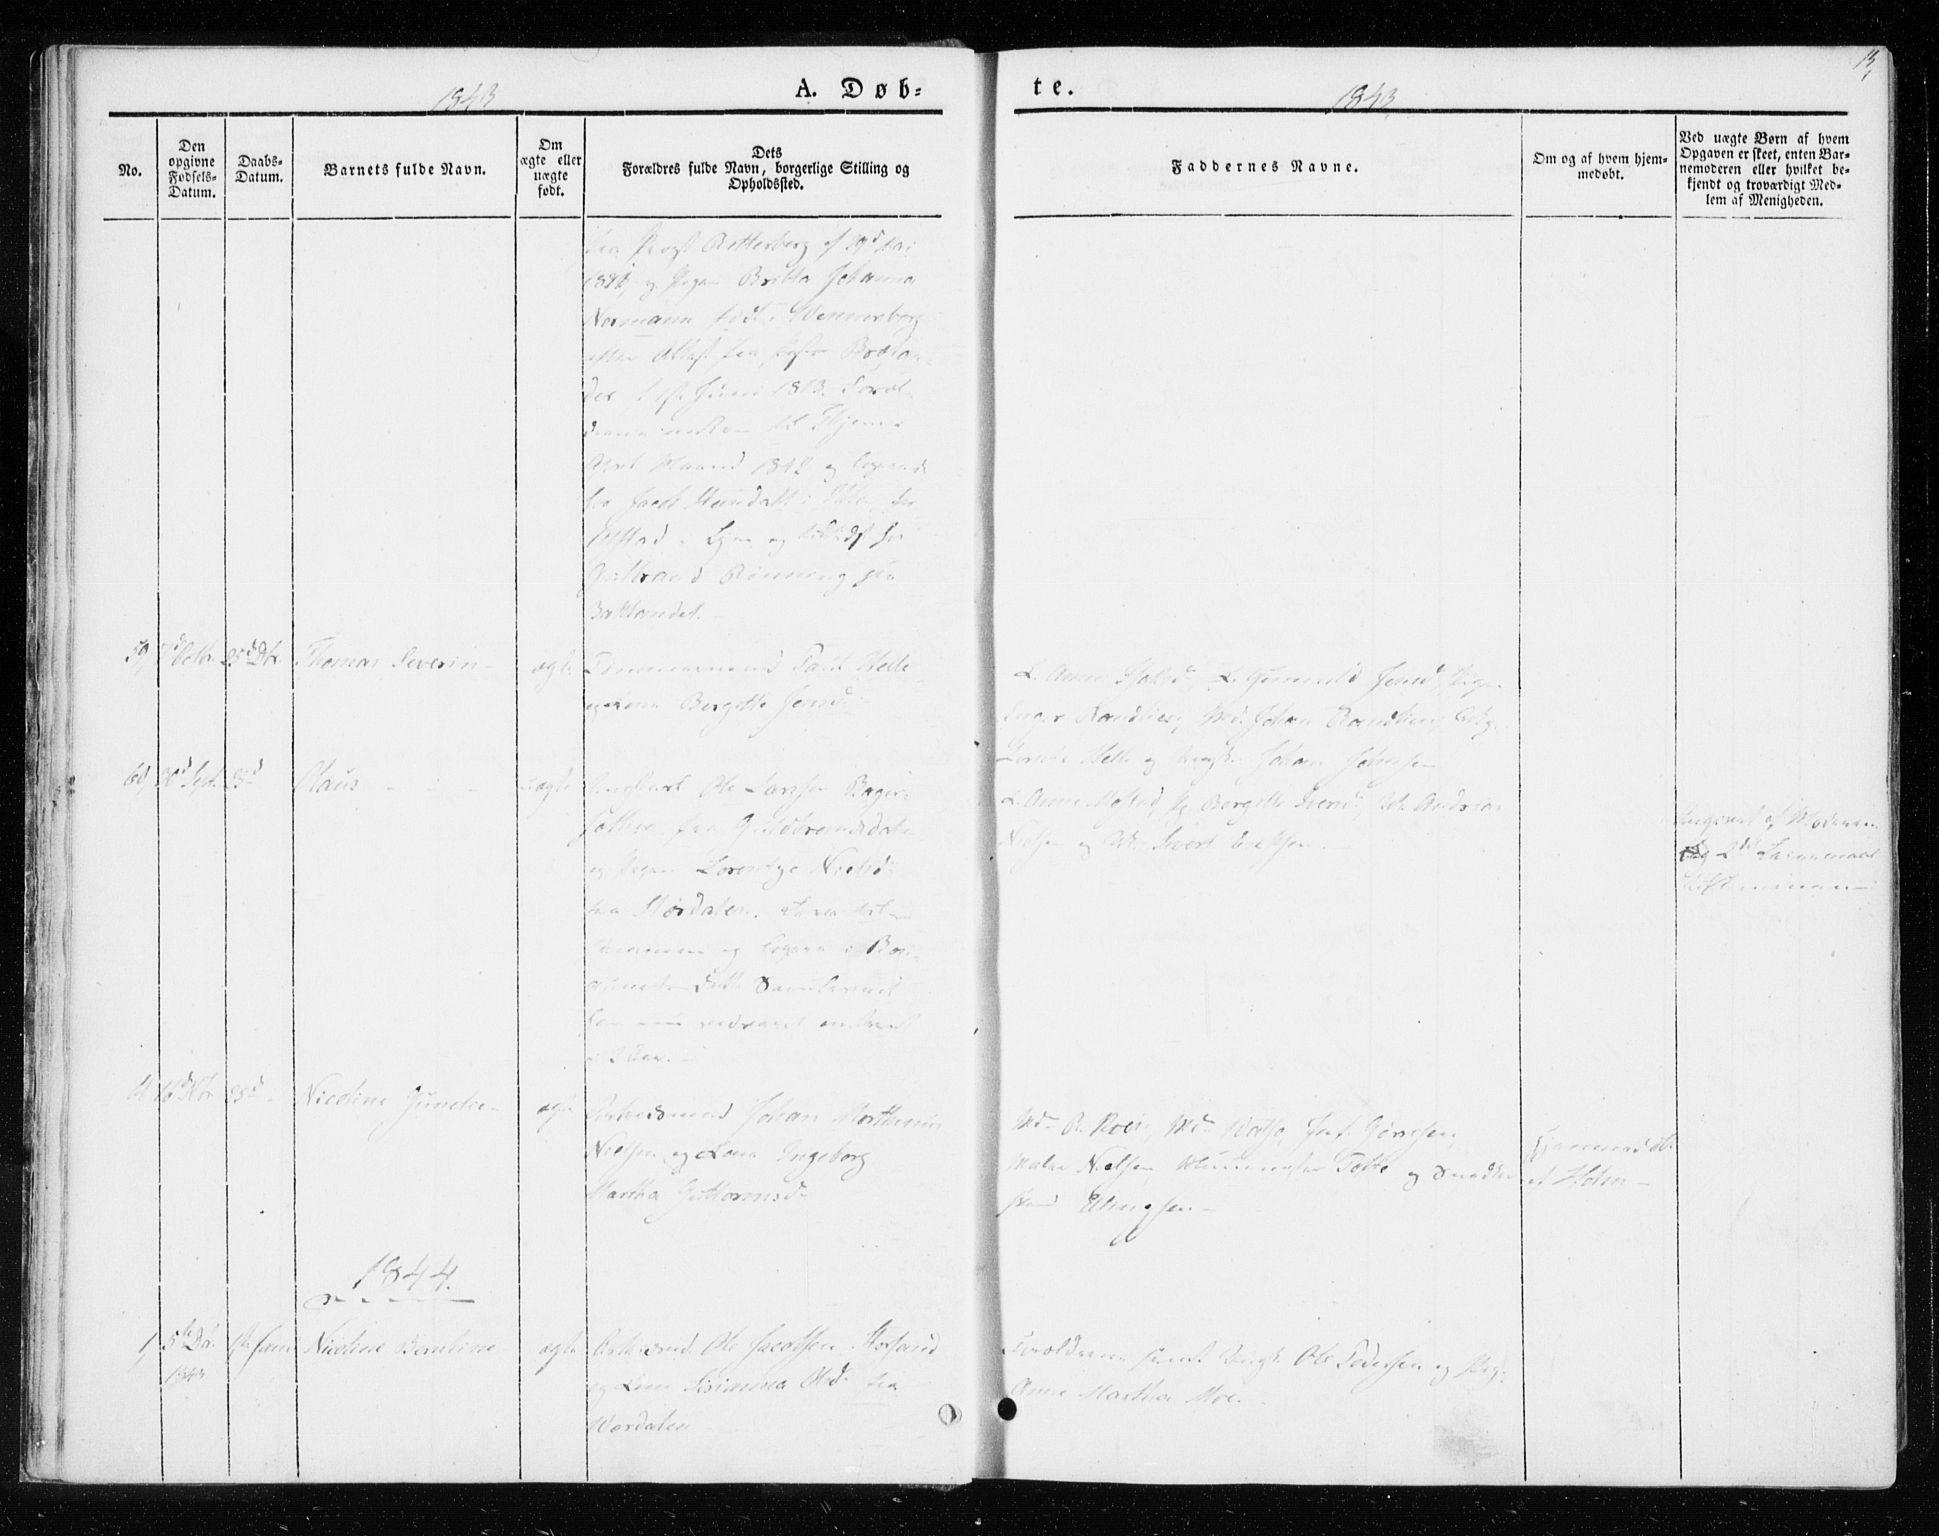 SAT, Ministerialprotokoller, klokkerbøker og fødselsregistre - Sør-Trøndelag, 604/L0183: Ministerialbok nr. 604A04, 1841-1850, s. 15